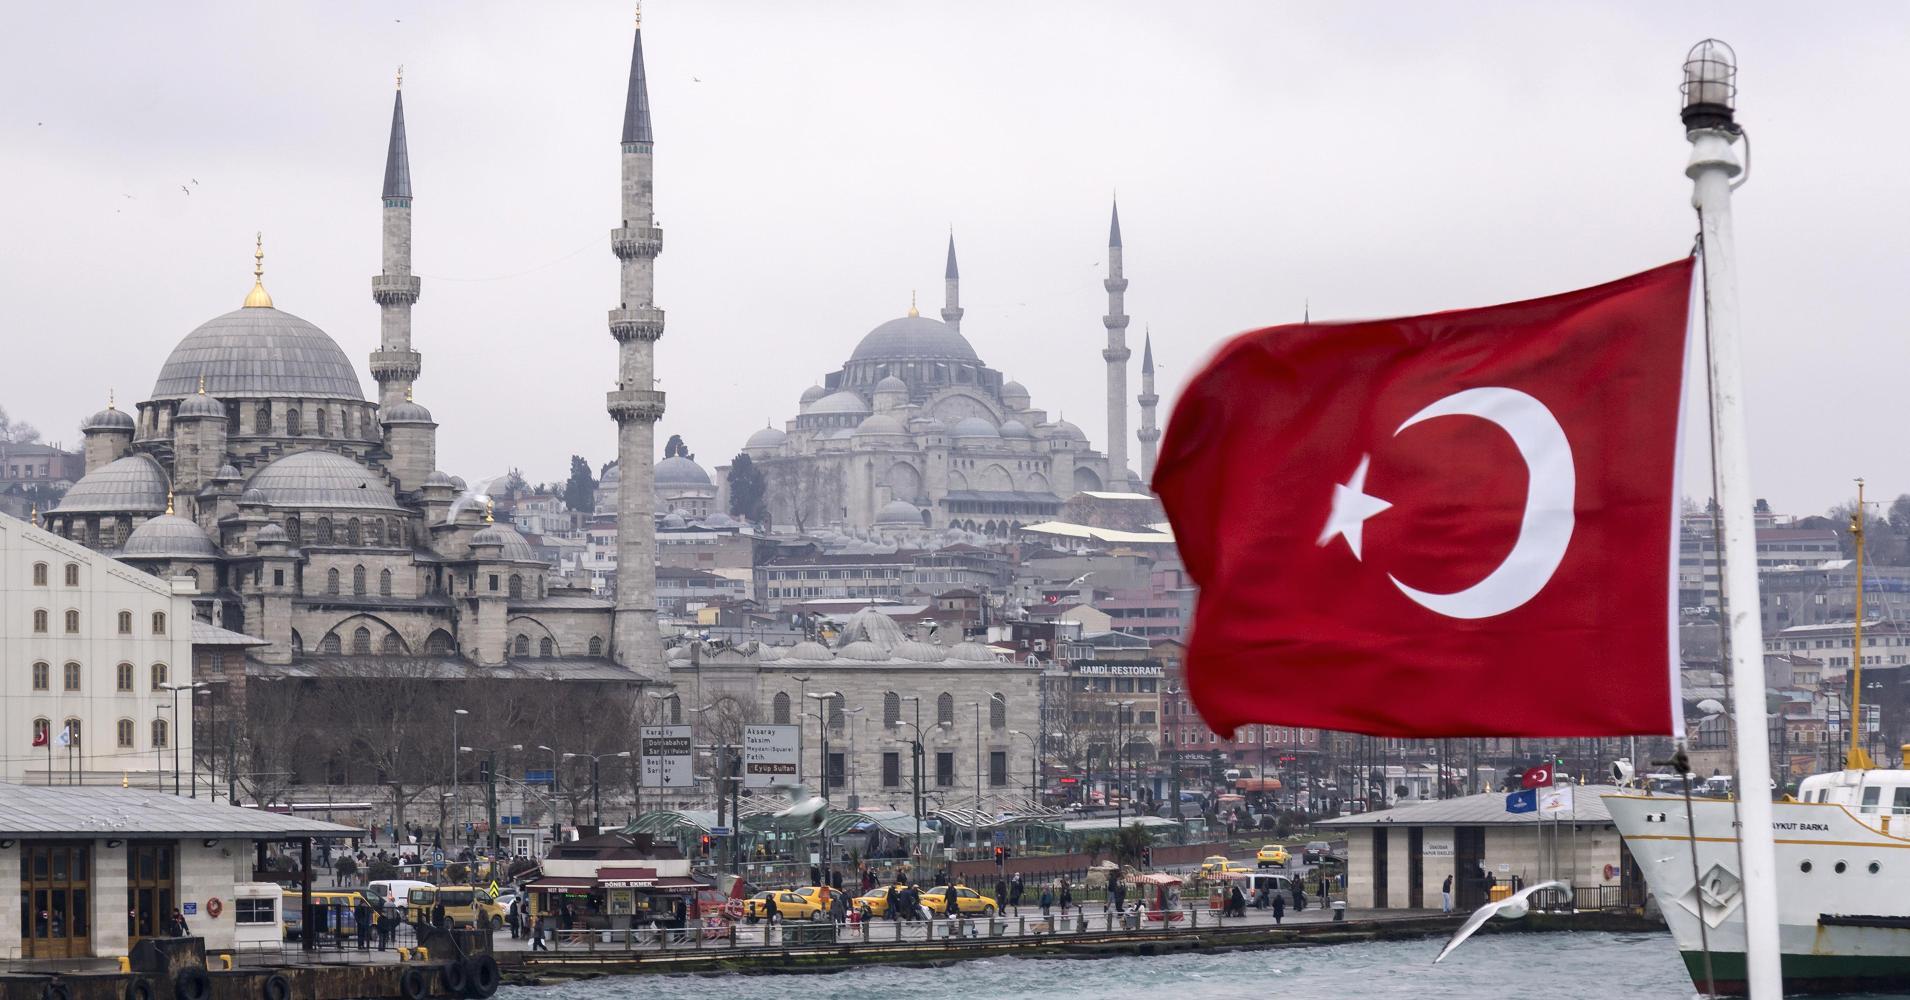 تركيا تكافح من أجل البقاء...استمرار تراجع الليرة التركية أمام الدولار